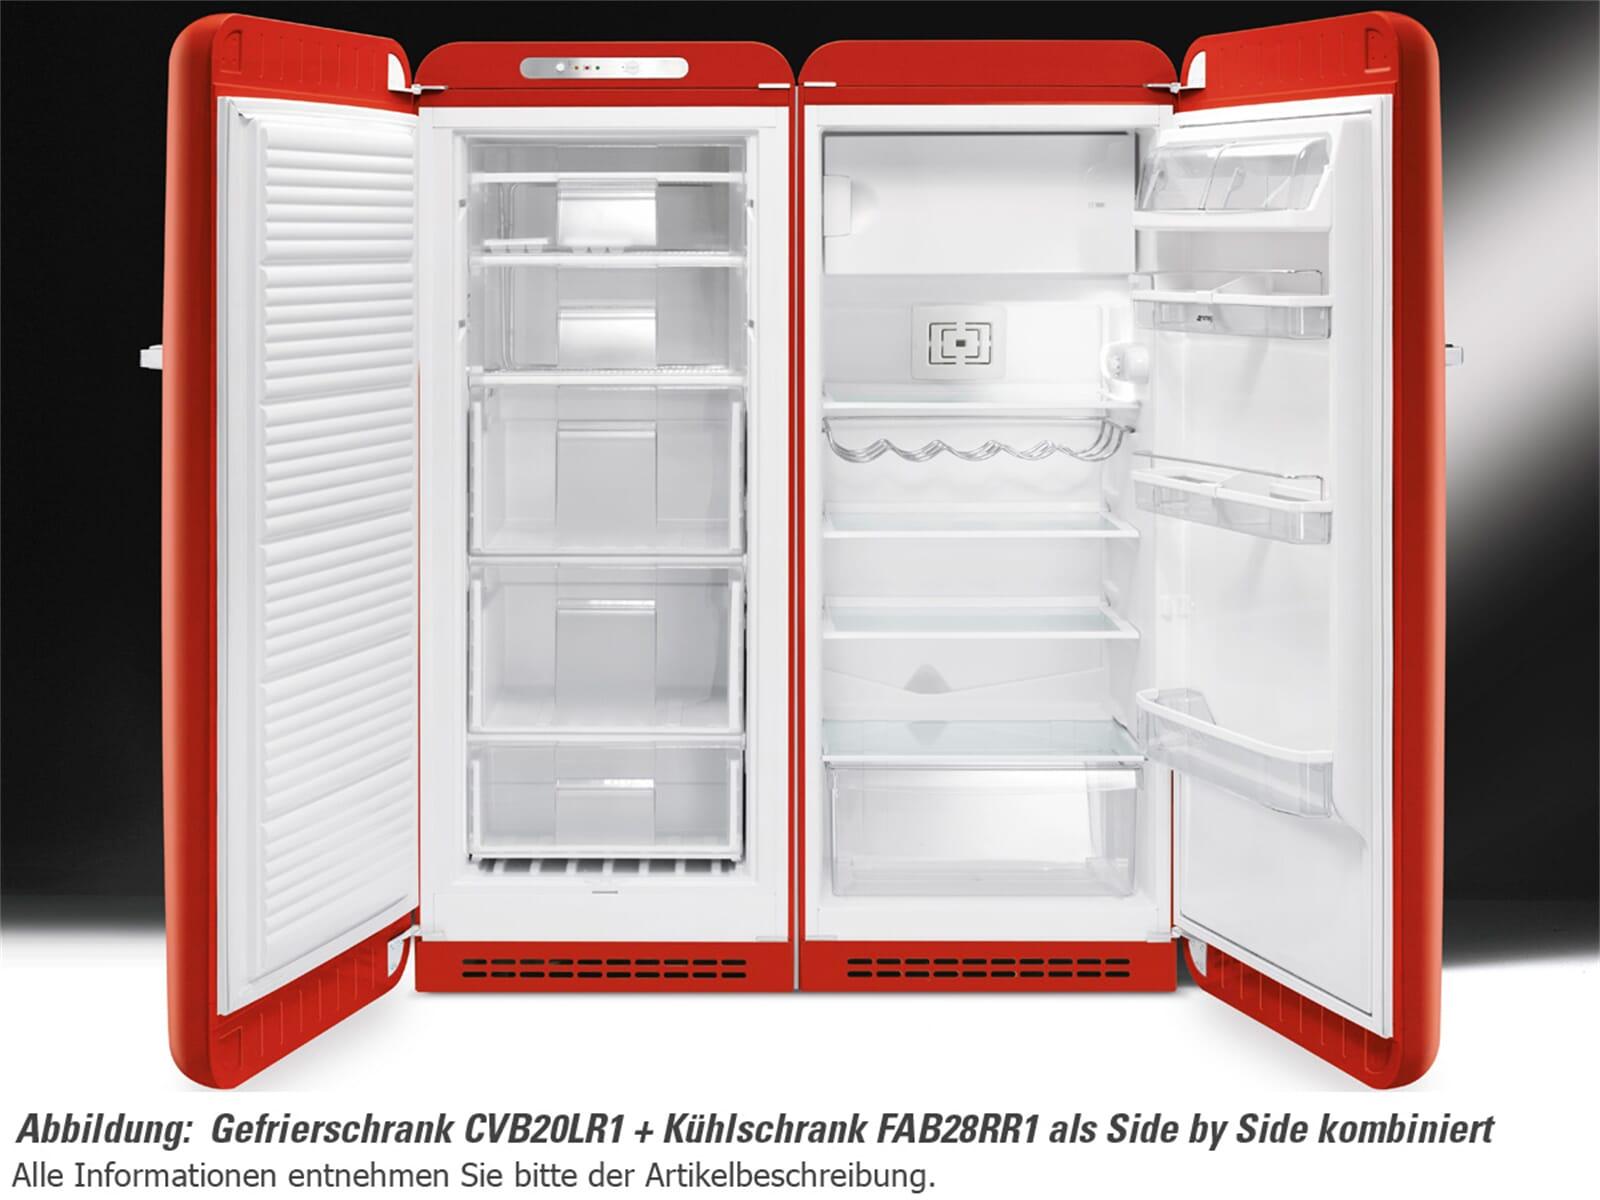 Amerikanischer Kühlschrank Ohne Gefrierfach : Side by side kühlschrank ohne gefrierteil kühlschrank cm